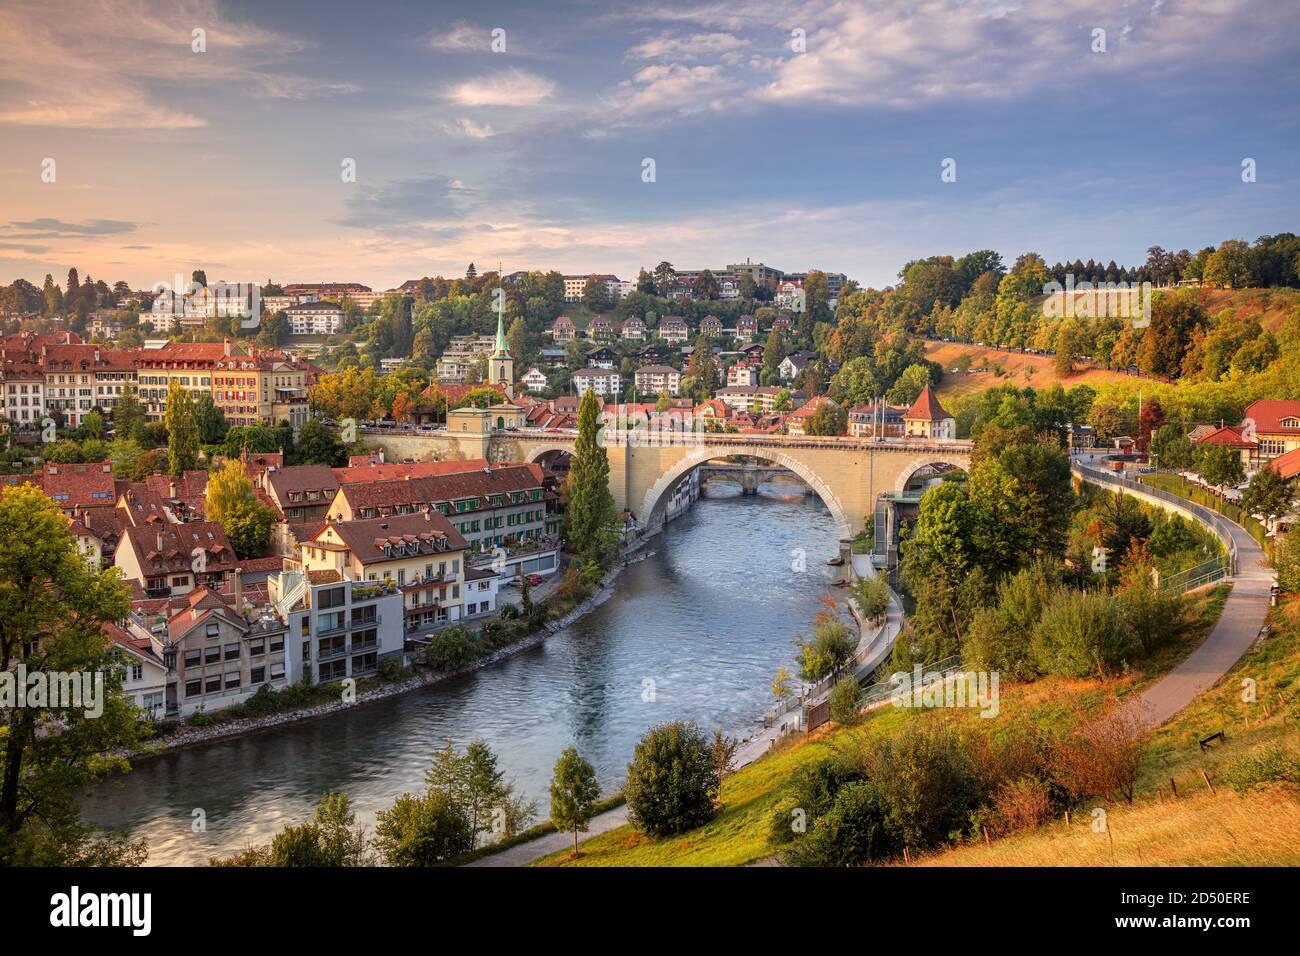 Ville de Berne. Image du paysage urbain de la capitale de Berne, Suisse, au beau coucher du soleil d'automne. Banque D'Images